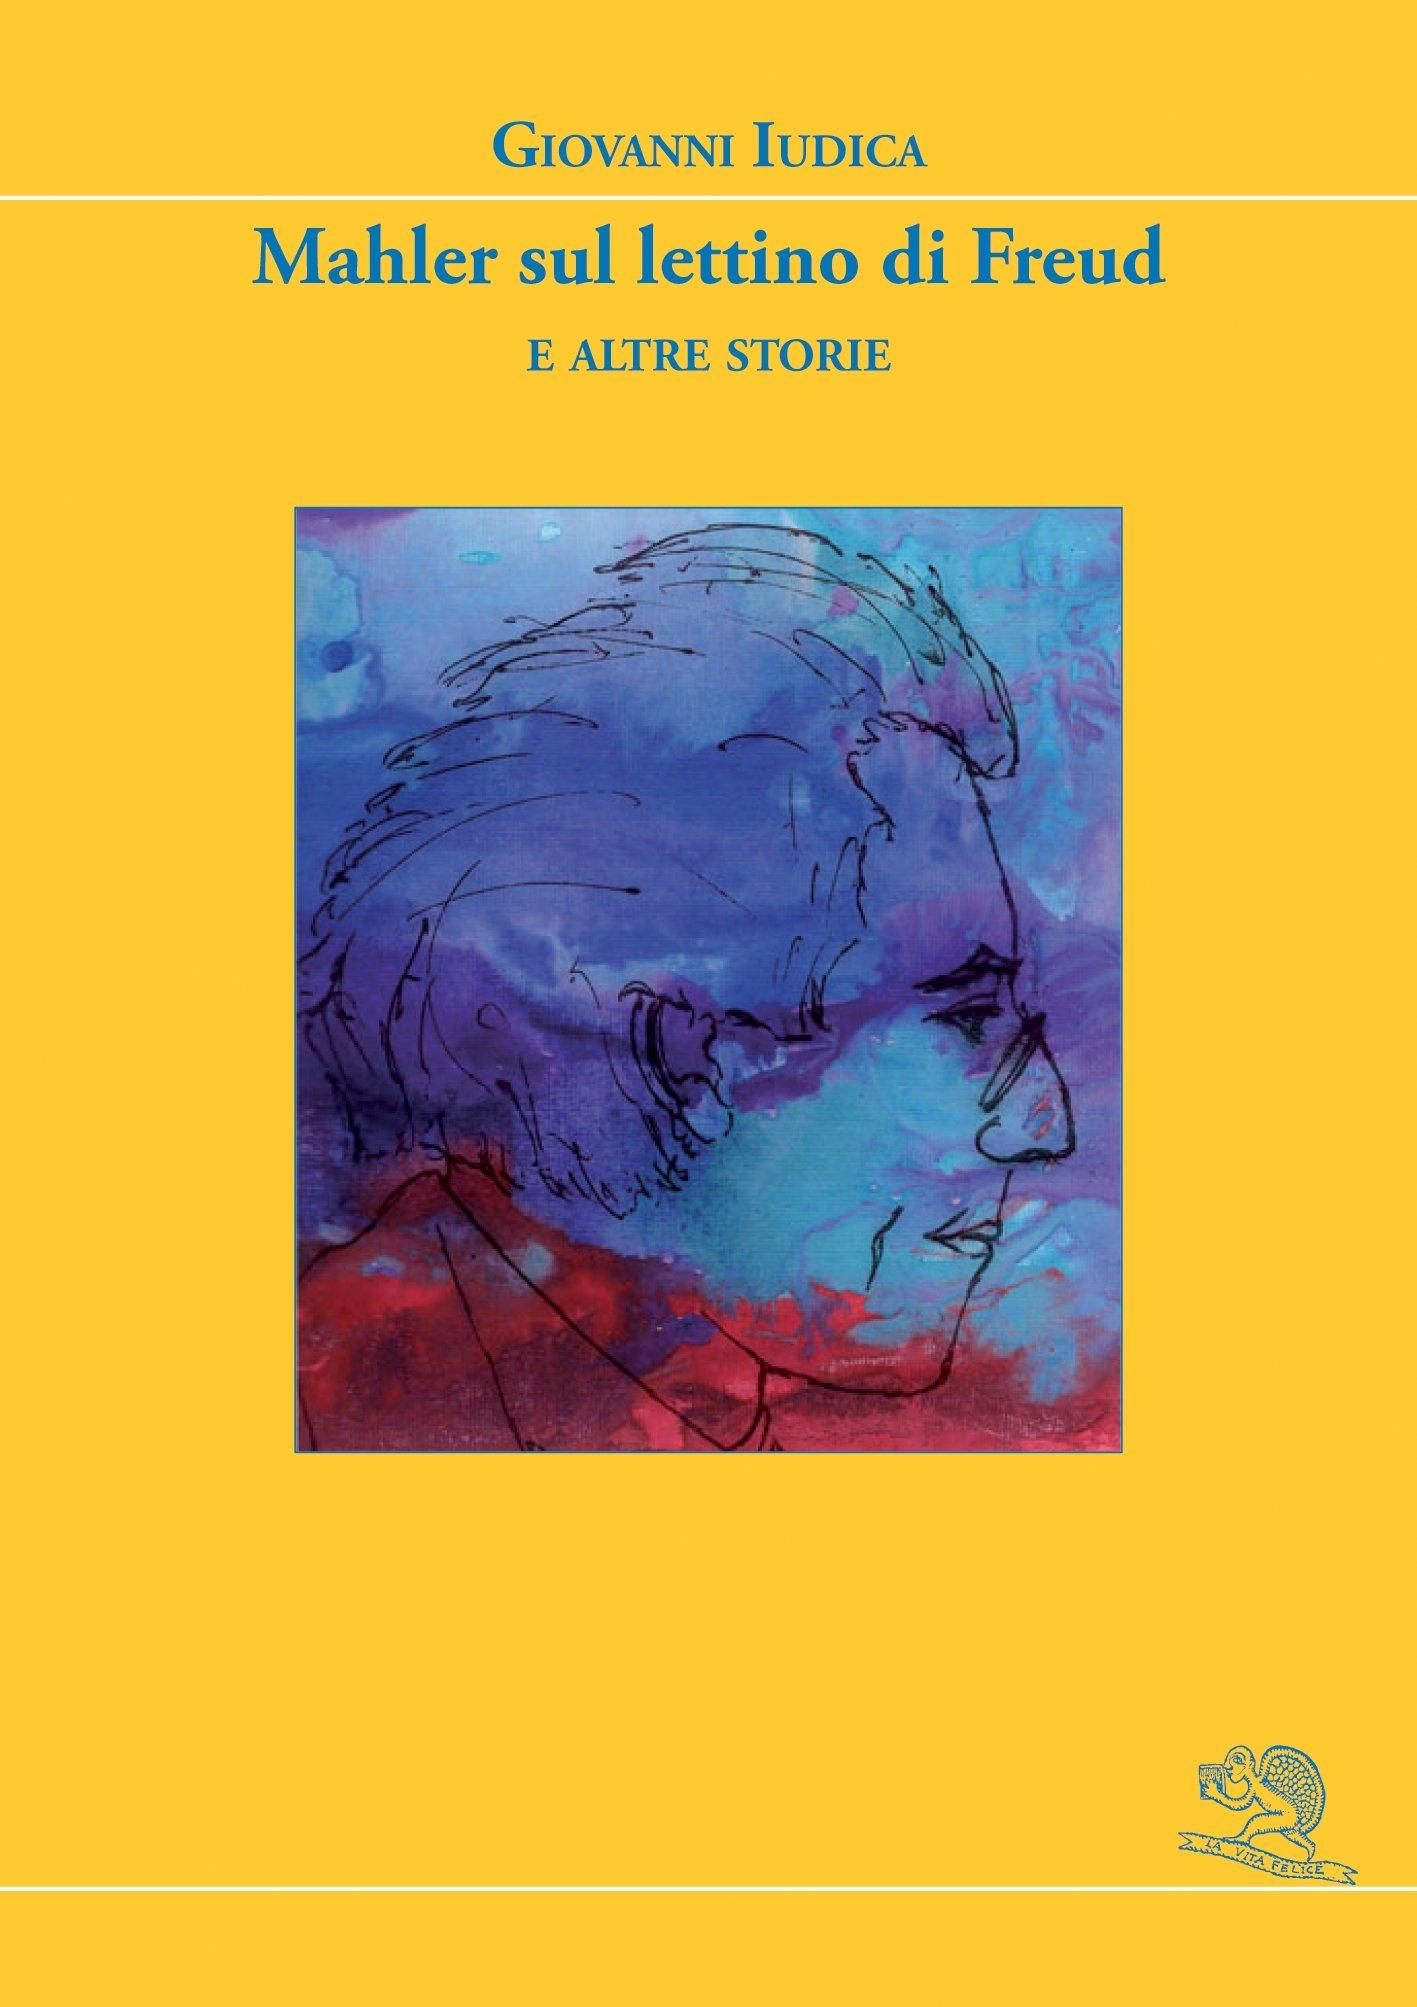 Mahler sul lettino di Freud e altre storie